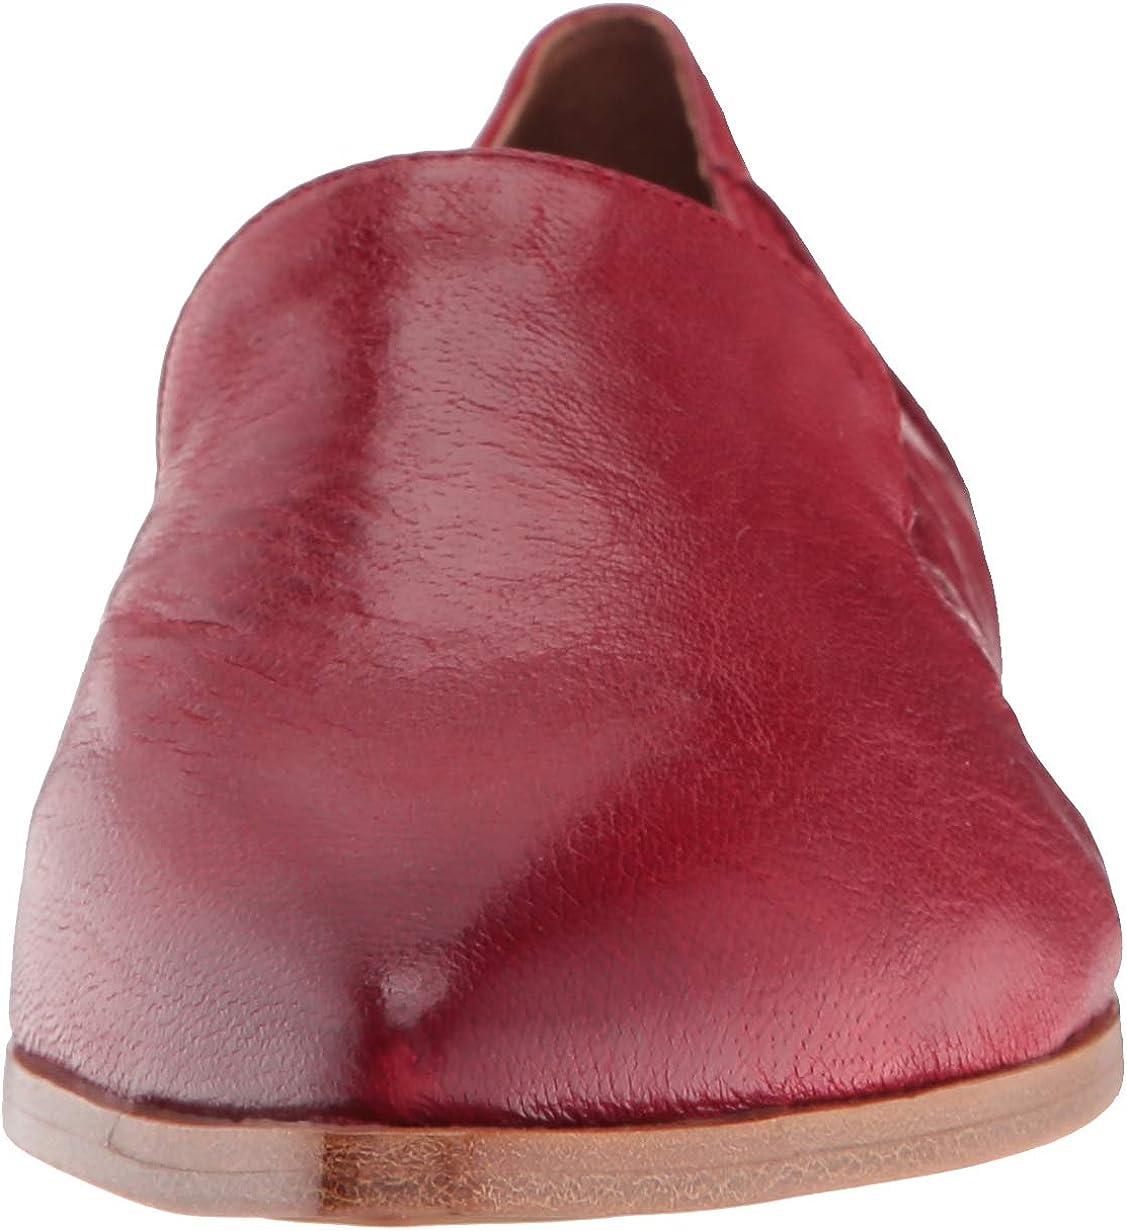 FRYE Womens Kenzie Venetian Loafer Flat